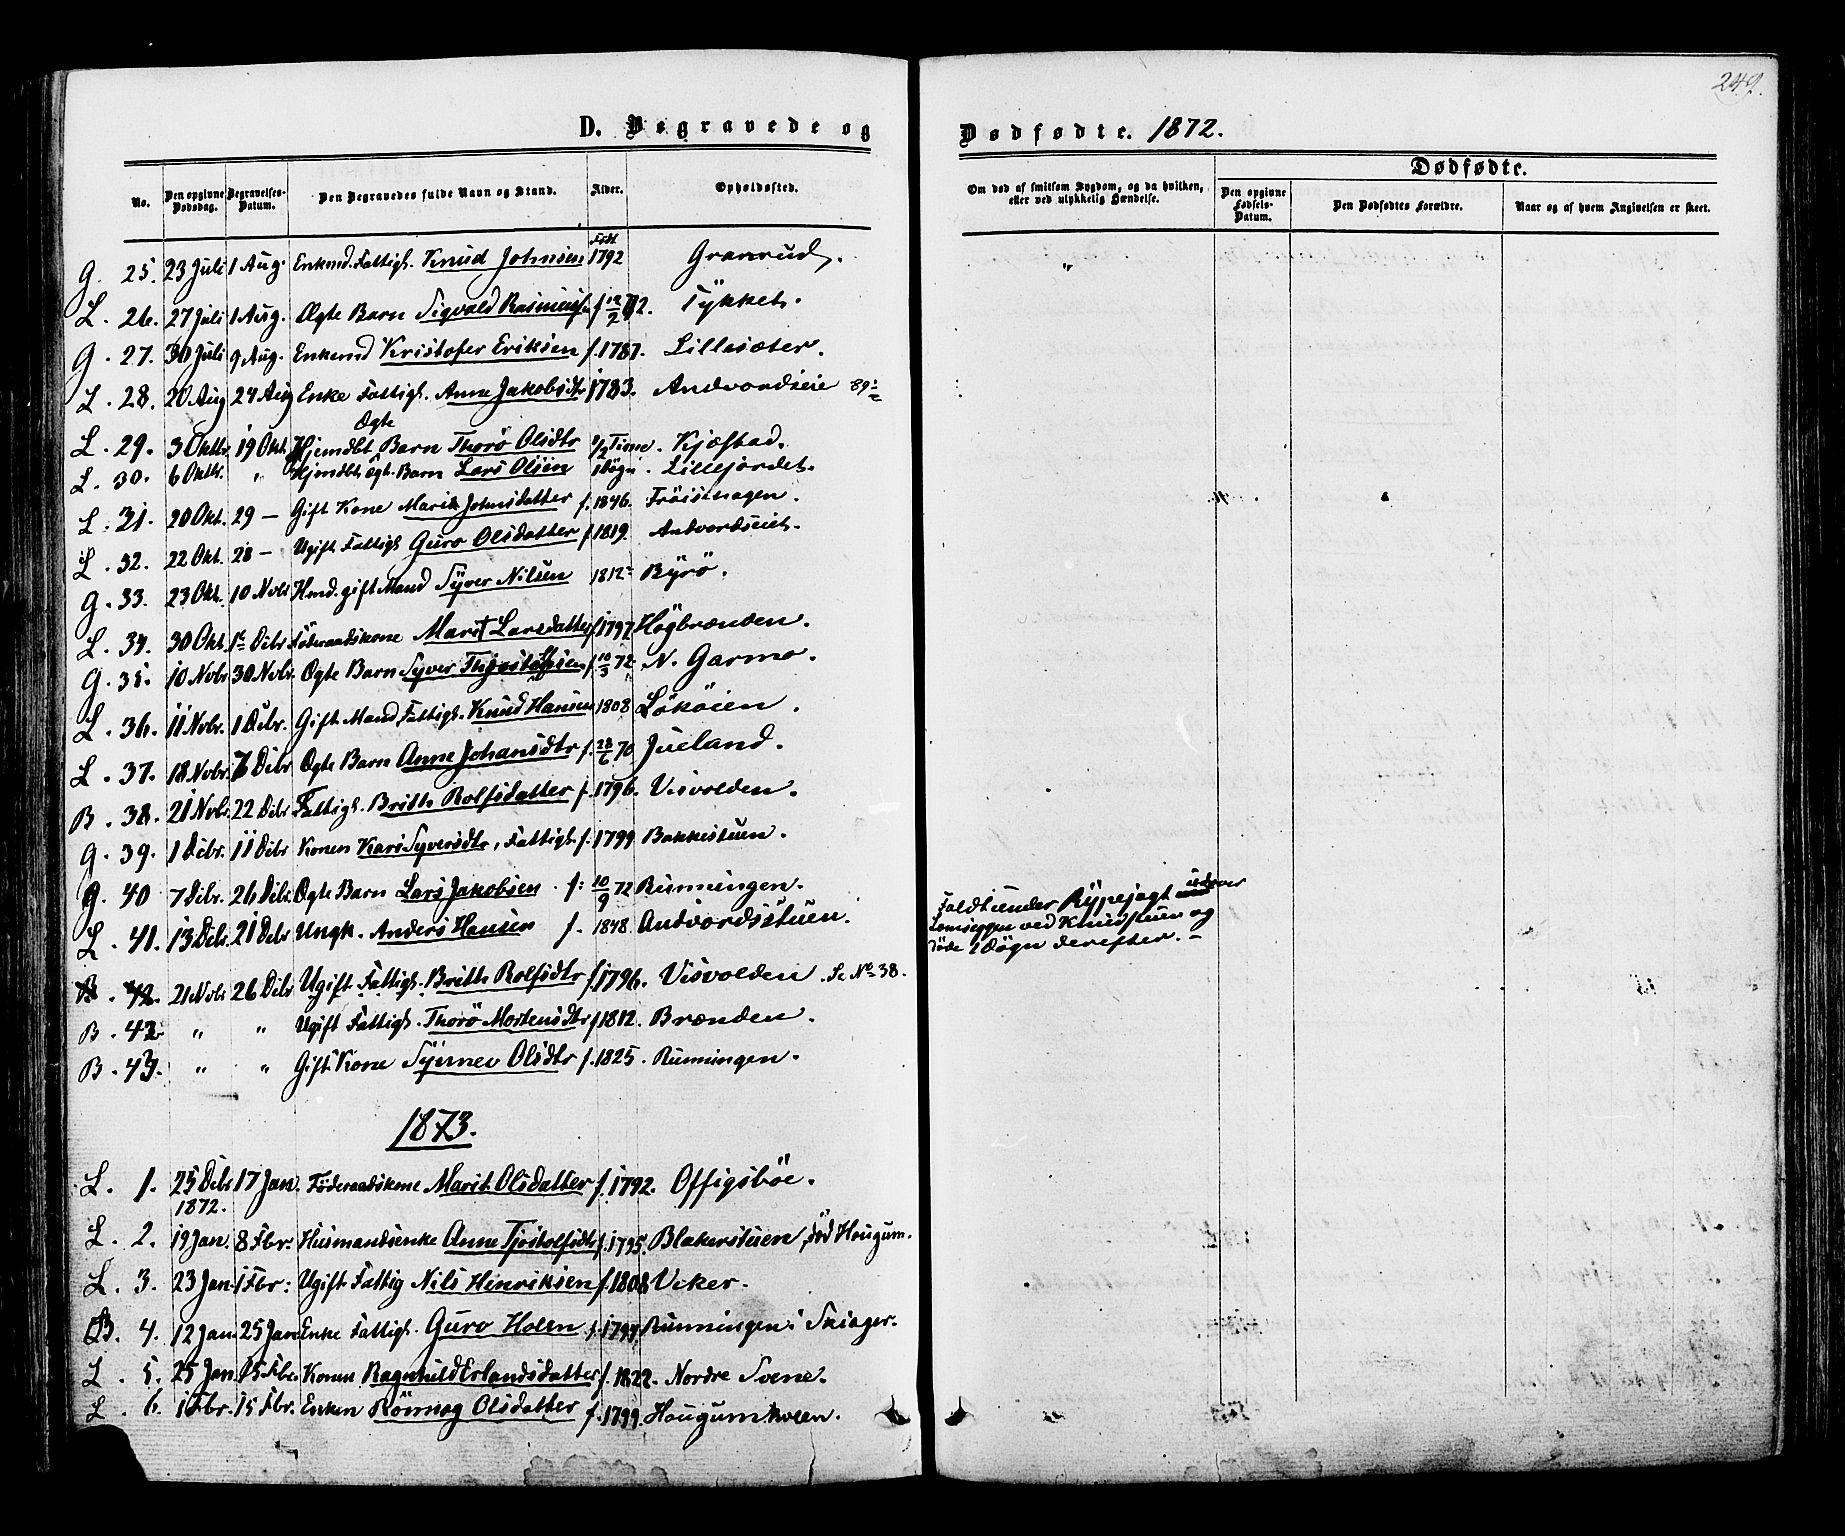 SAH, Lom prestekontor, K/L0007: Ministerialbok nr. 7, 1863-1884, s. 249